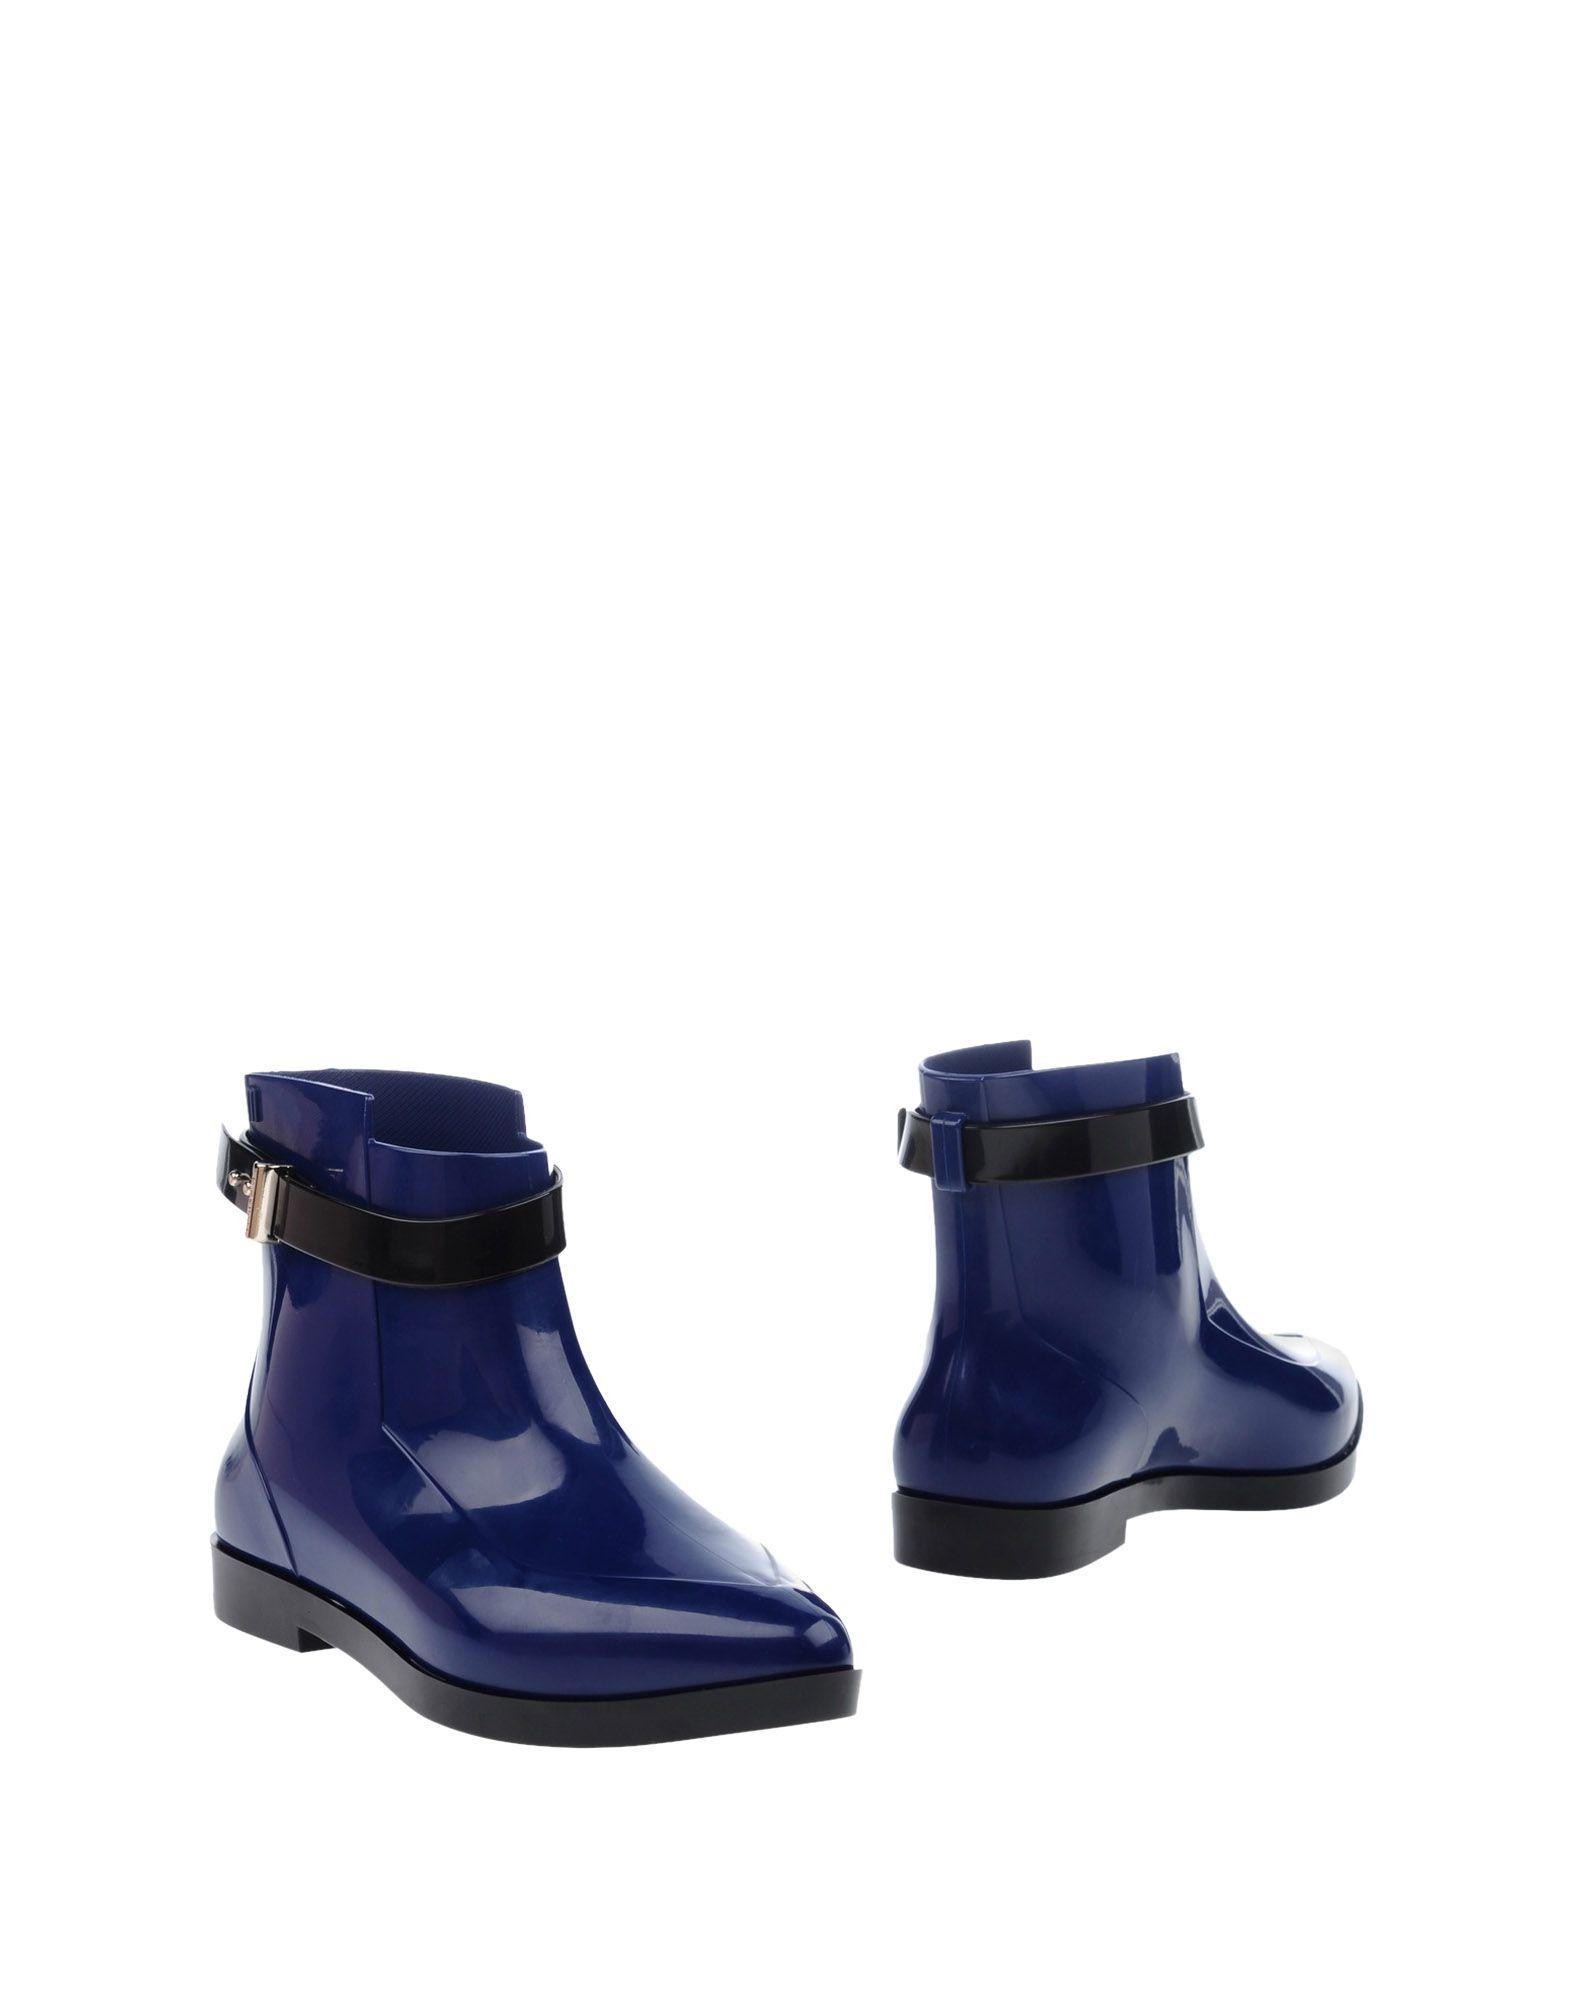 MELISSA + JASON WU Полусапоги и высокие ботинки цены онлайн